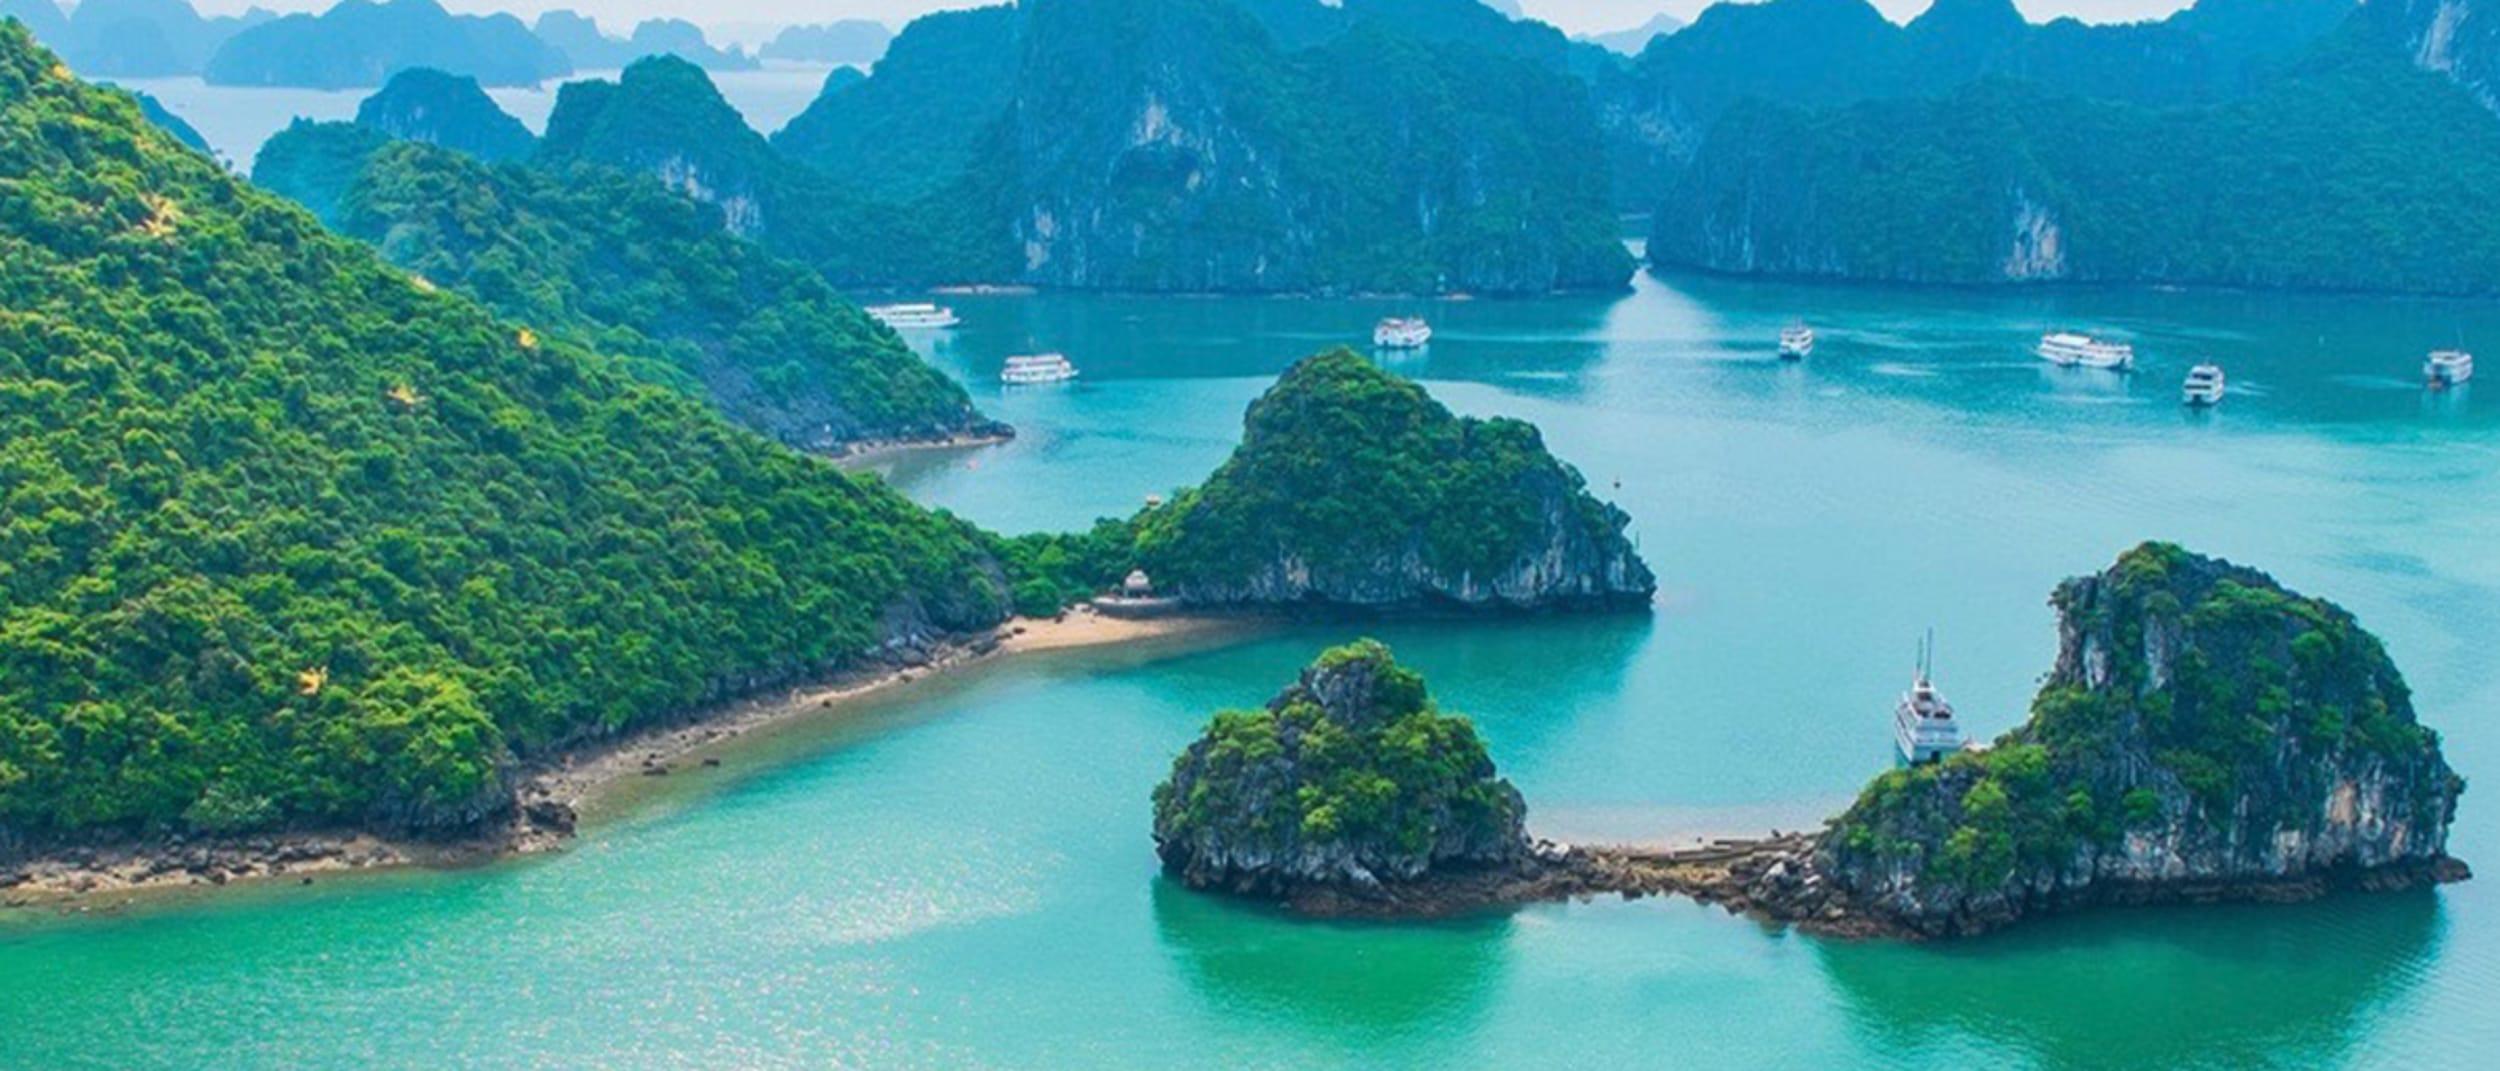 Helloworld: Magical Vietnam awaits you